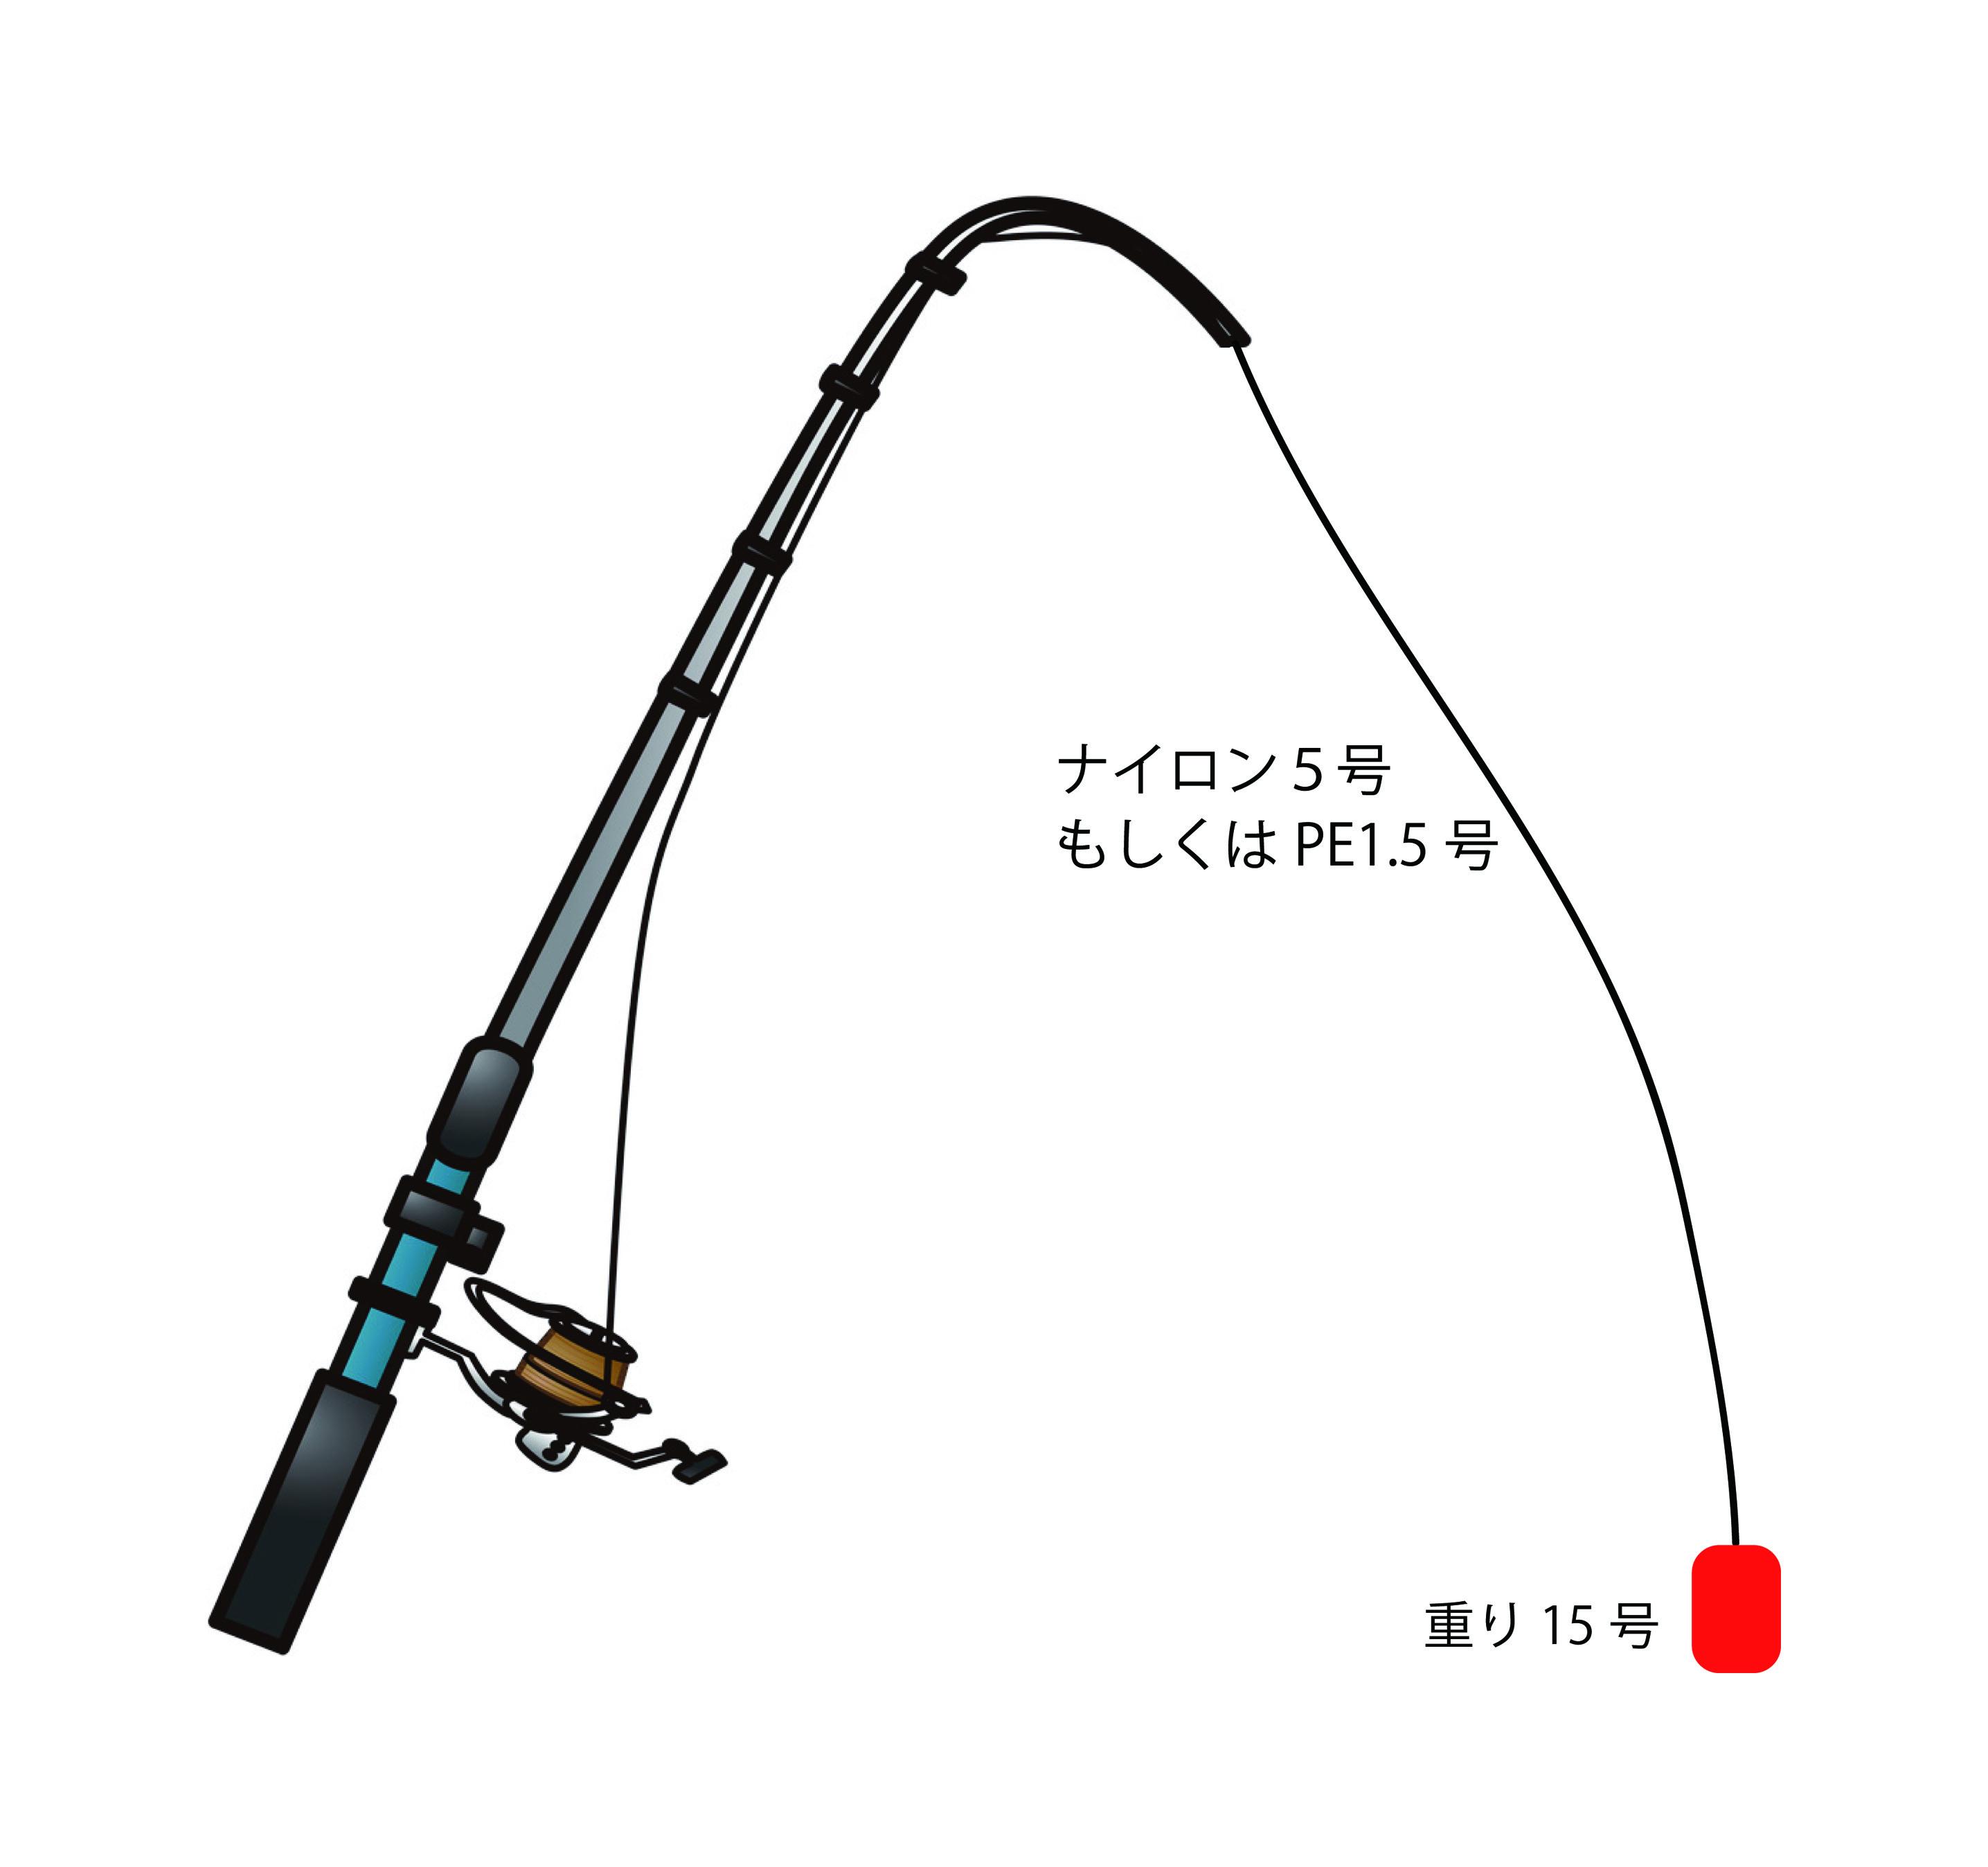 やり方 泳がせ 釣り 【最強釣法】アジを使って泳がせ(ノマセ)釣りをしよう!仕掛けと釣るコツを解説